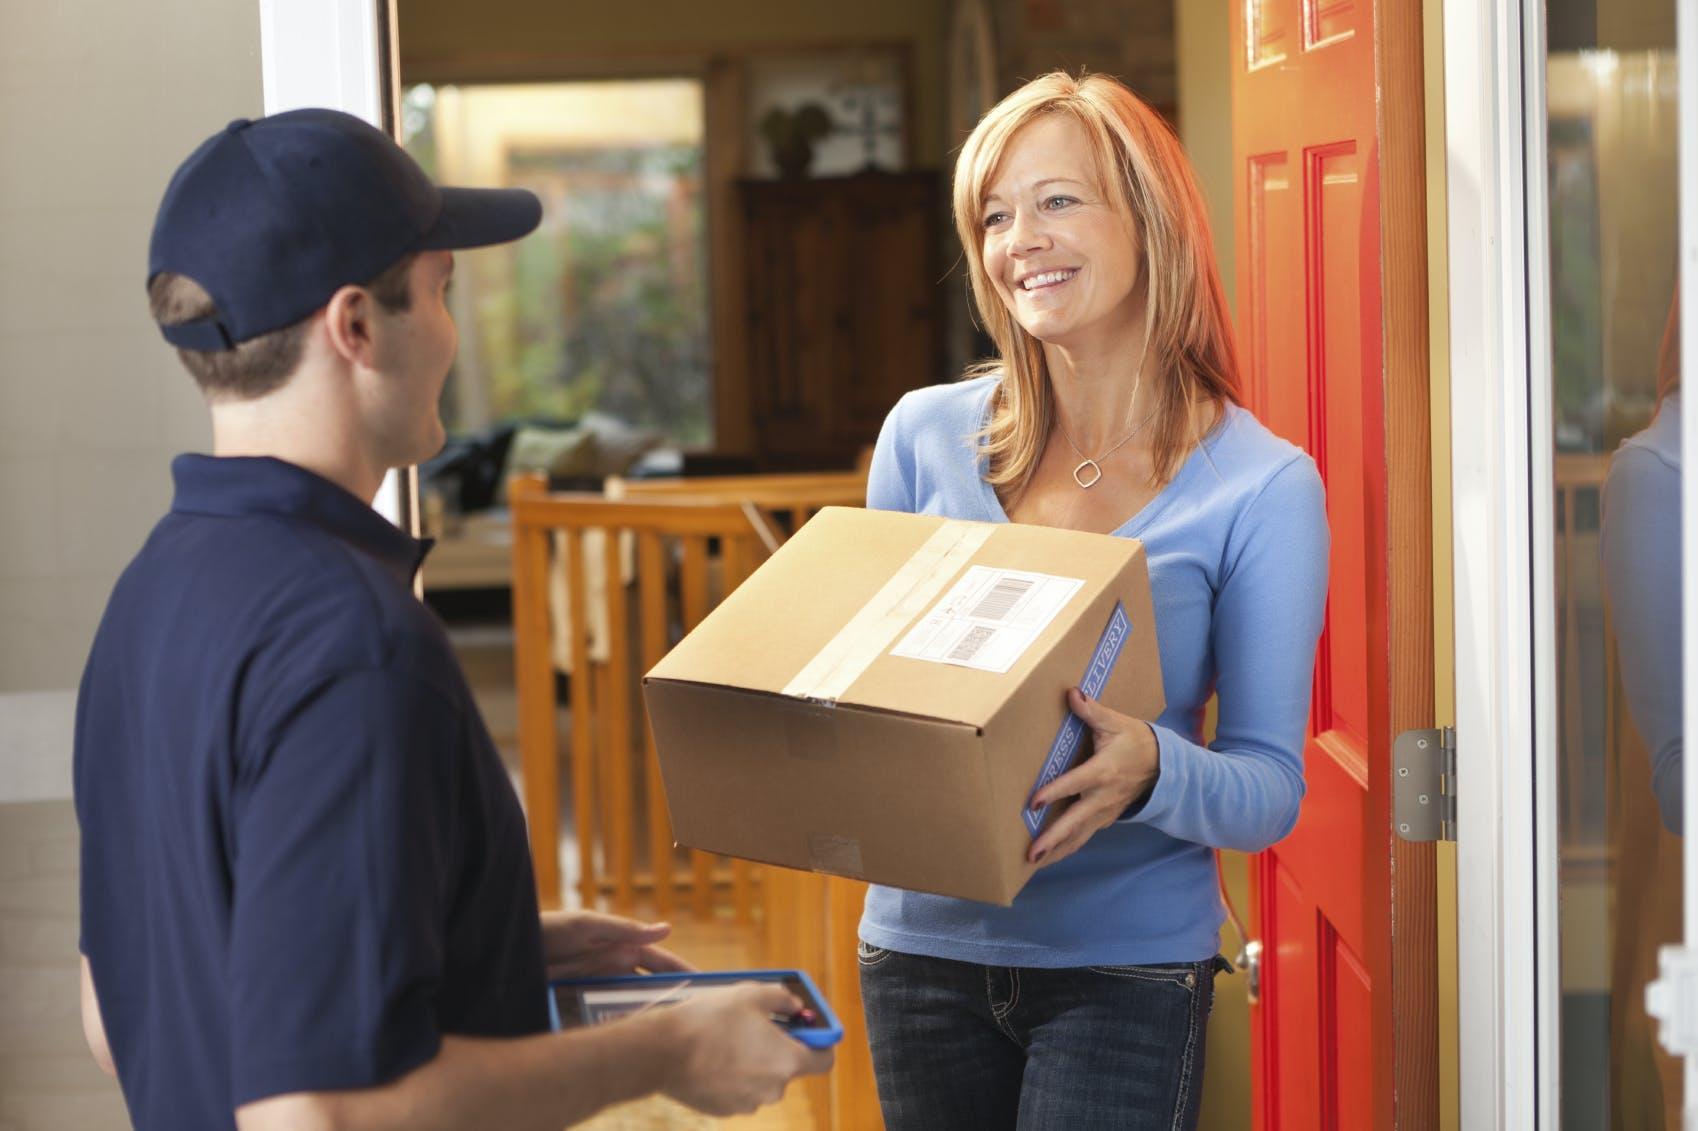 Das Ende der kostenlosen Haustürzustellung ist absehbar